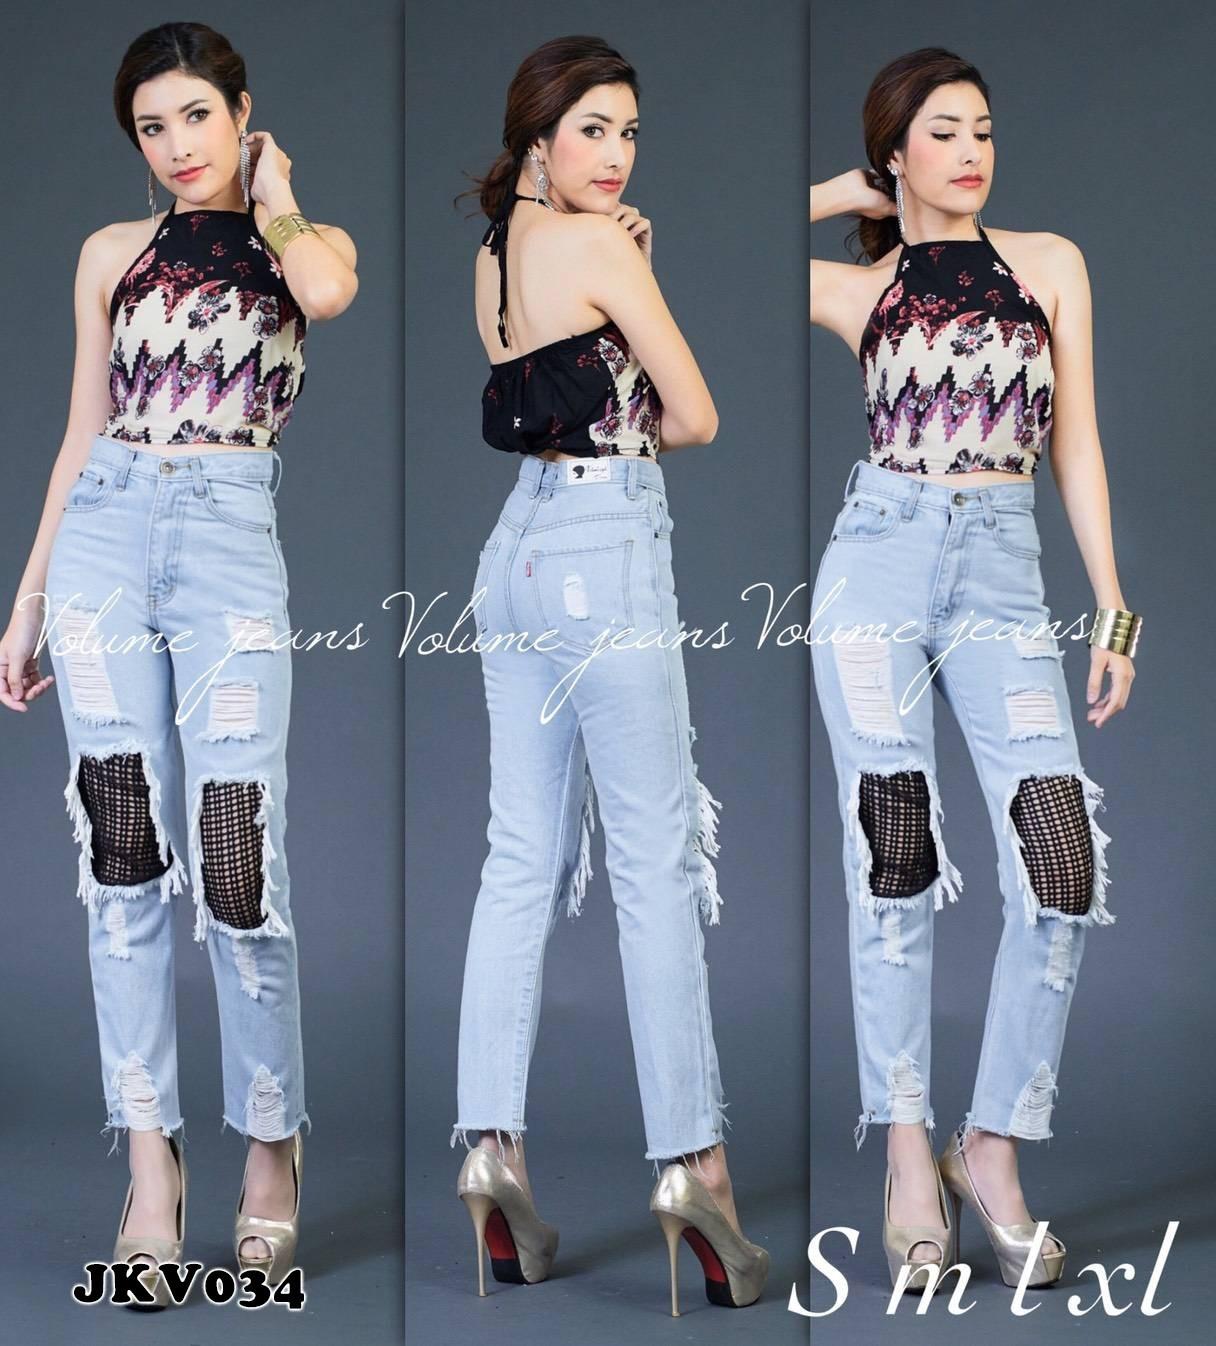 กางเกงยีนส์ทรงบอยเอวสูง สียีนส์ฟอกอ่อน สกิดขาดเซอร์ แต่งตาข่าย มี SIZE S,M,L,XL